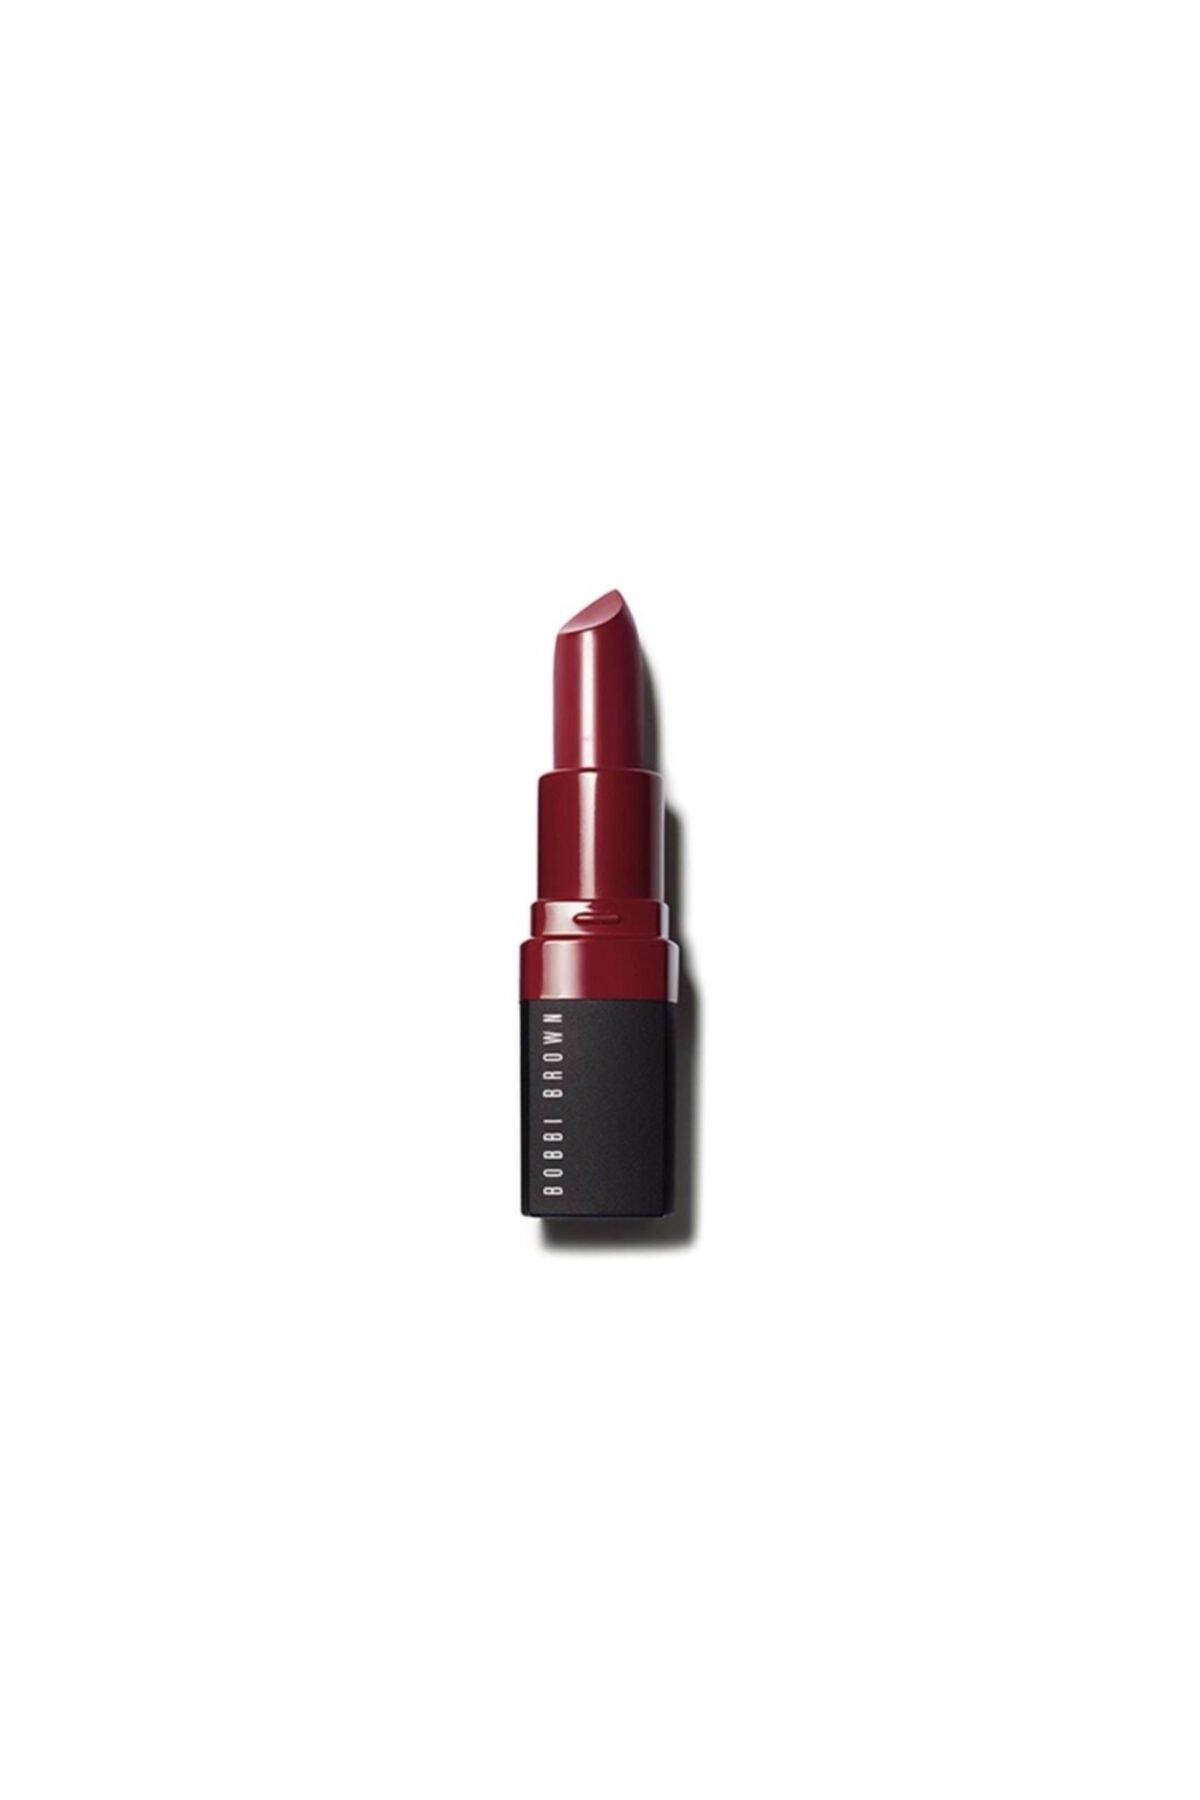 BOBBI BROWN Mini Crushed Lip Color 2.25g Ruby 716170266534 1